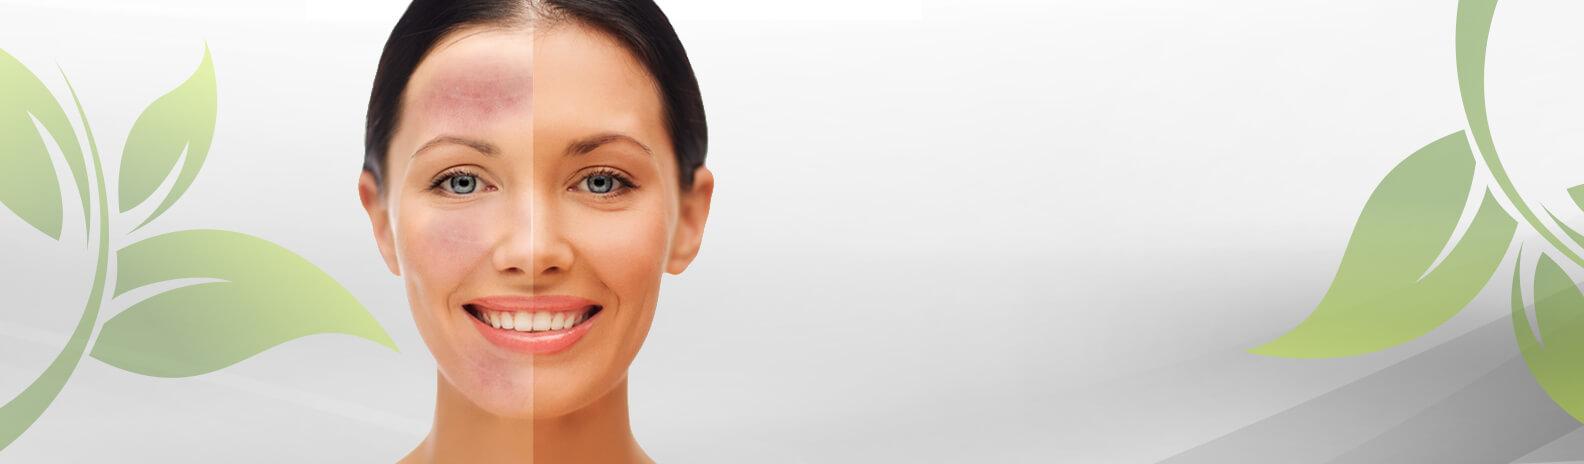 טיפולים ממוקדים לרוזציאה, אקנה רוזציאה ואודם בעור הפנים